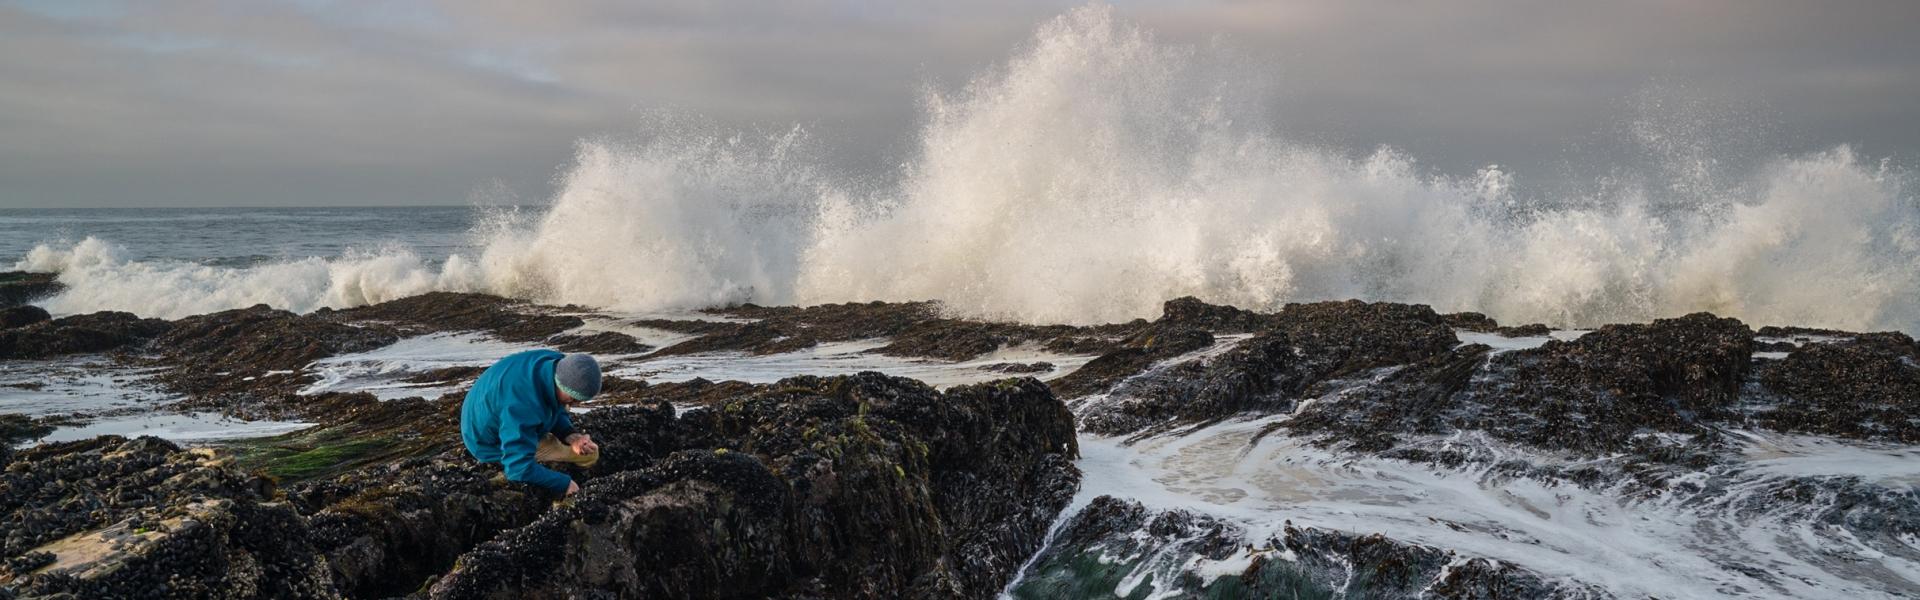 Scientist kneels on rock in tidal area